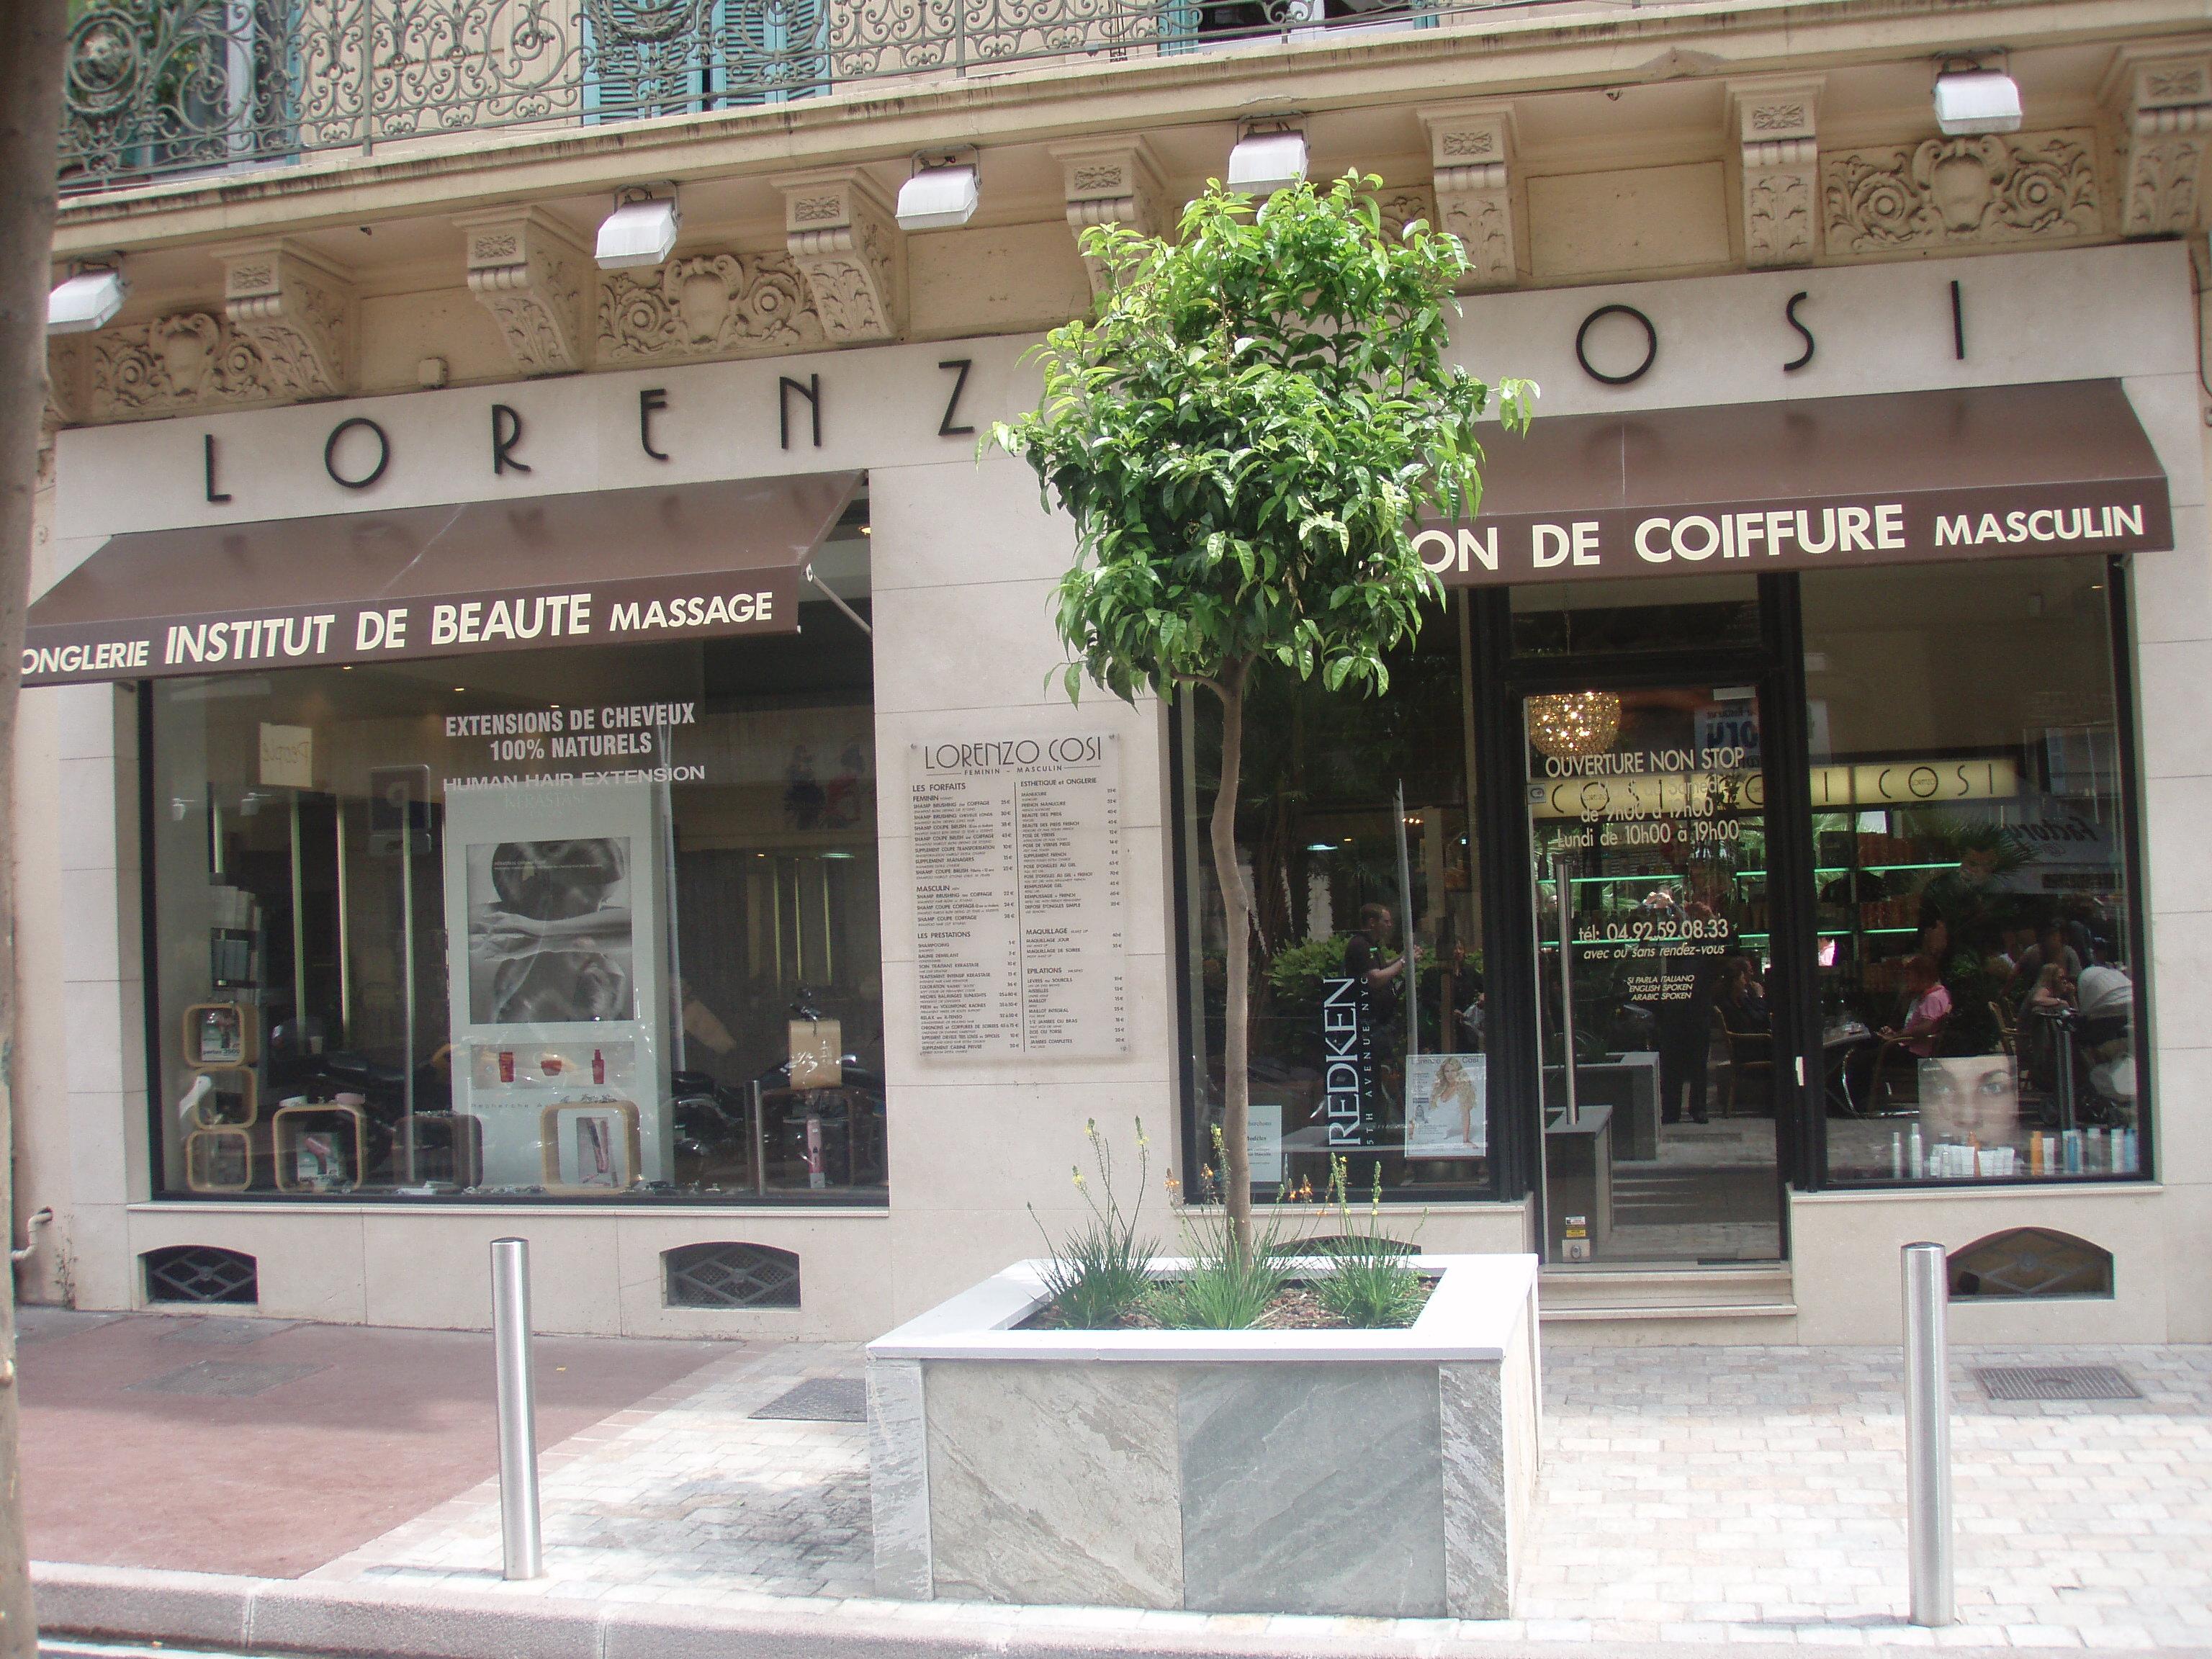 Lorenzo Cosi - Cannes